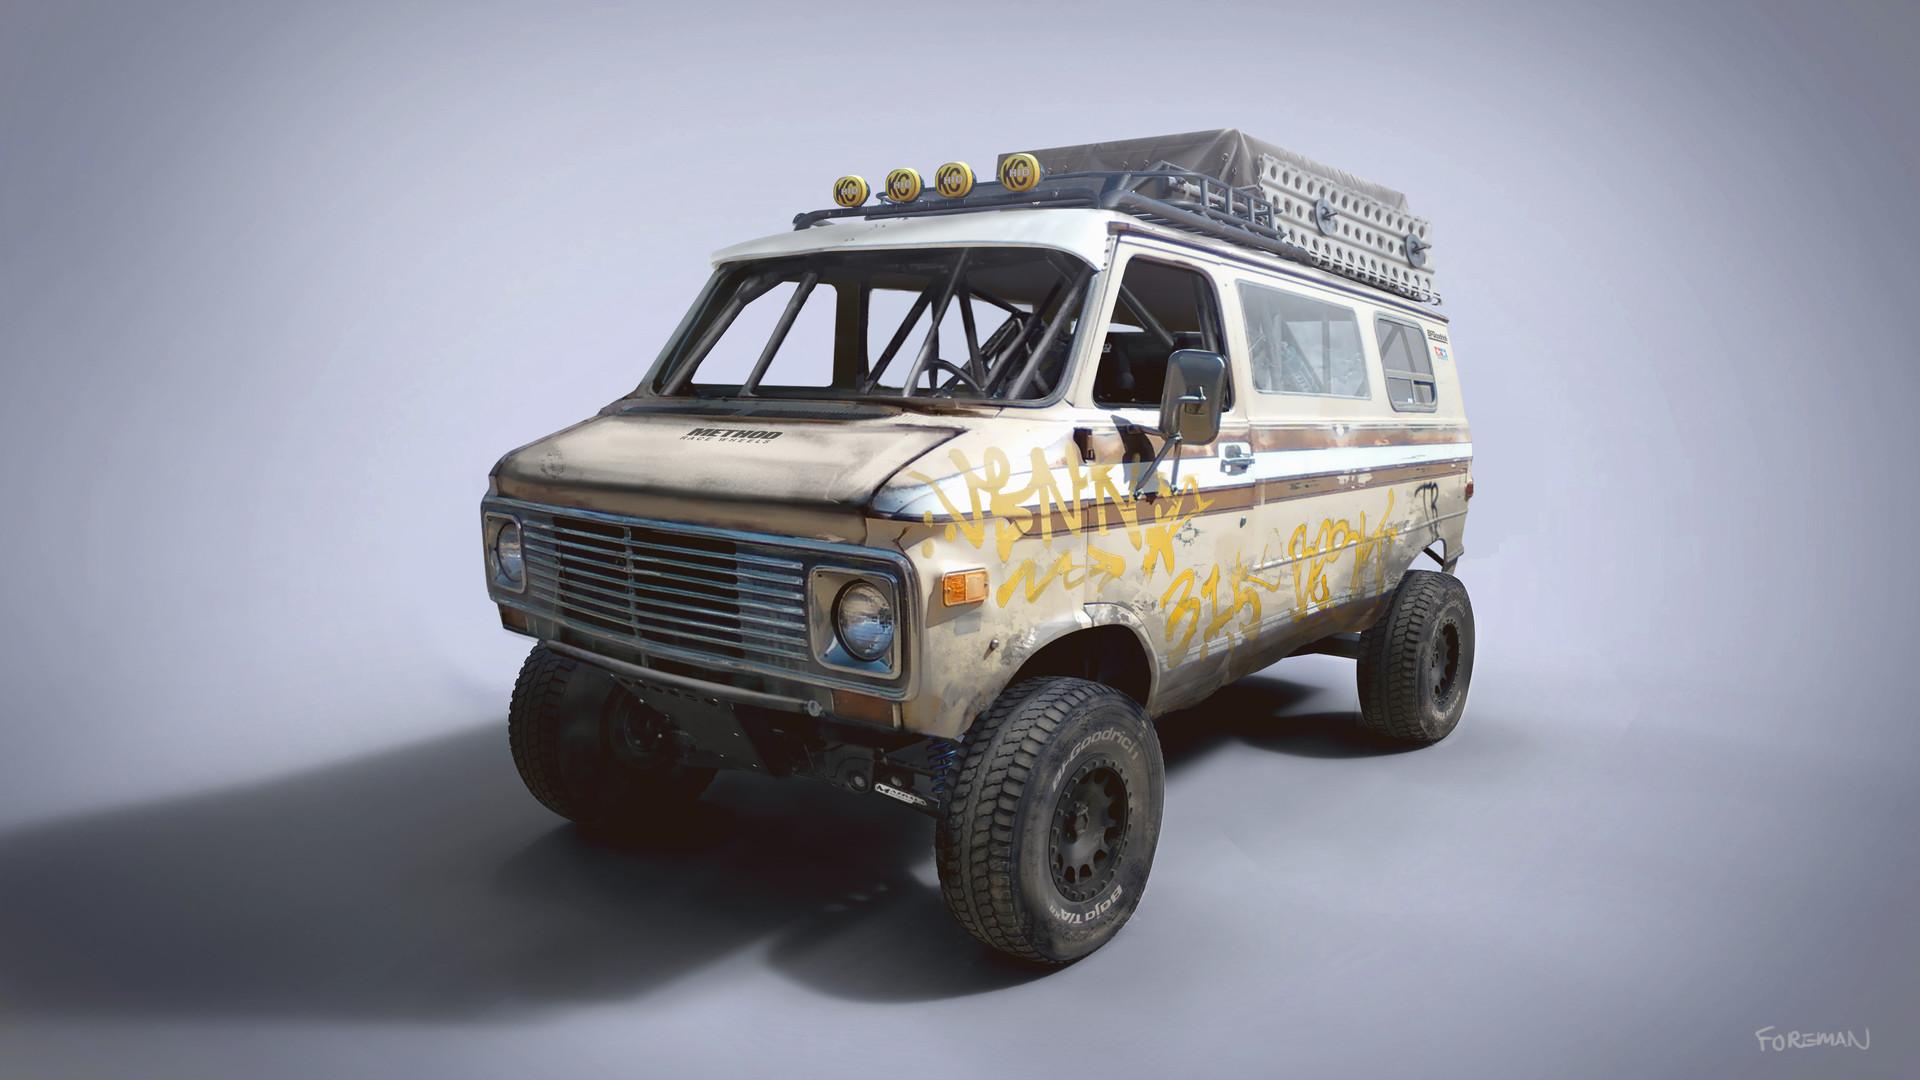 db1b1674ec G20 Racing Rat Van. Chevrolet G20